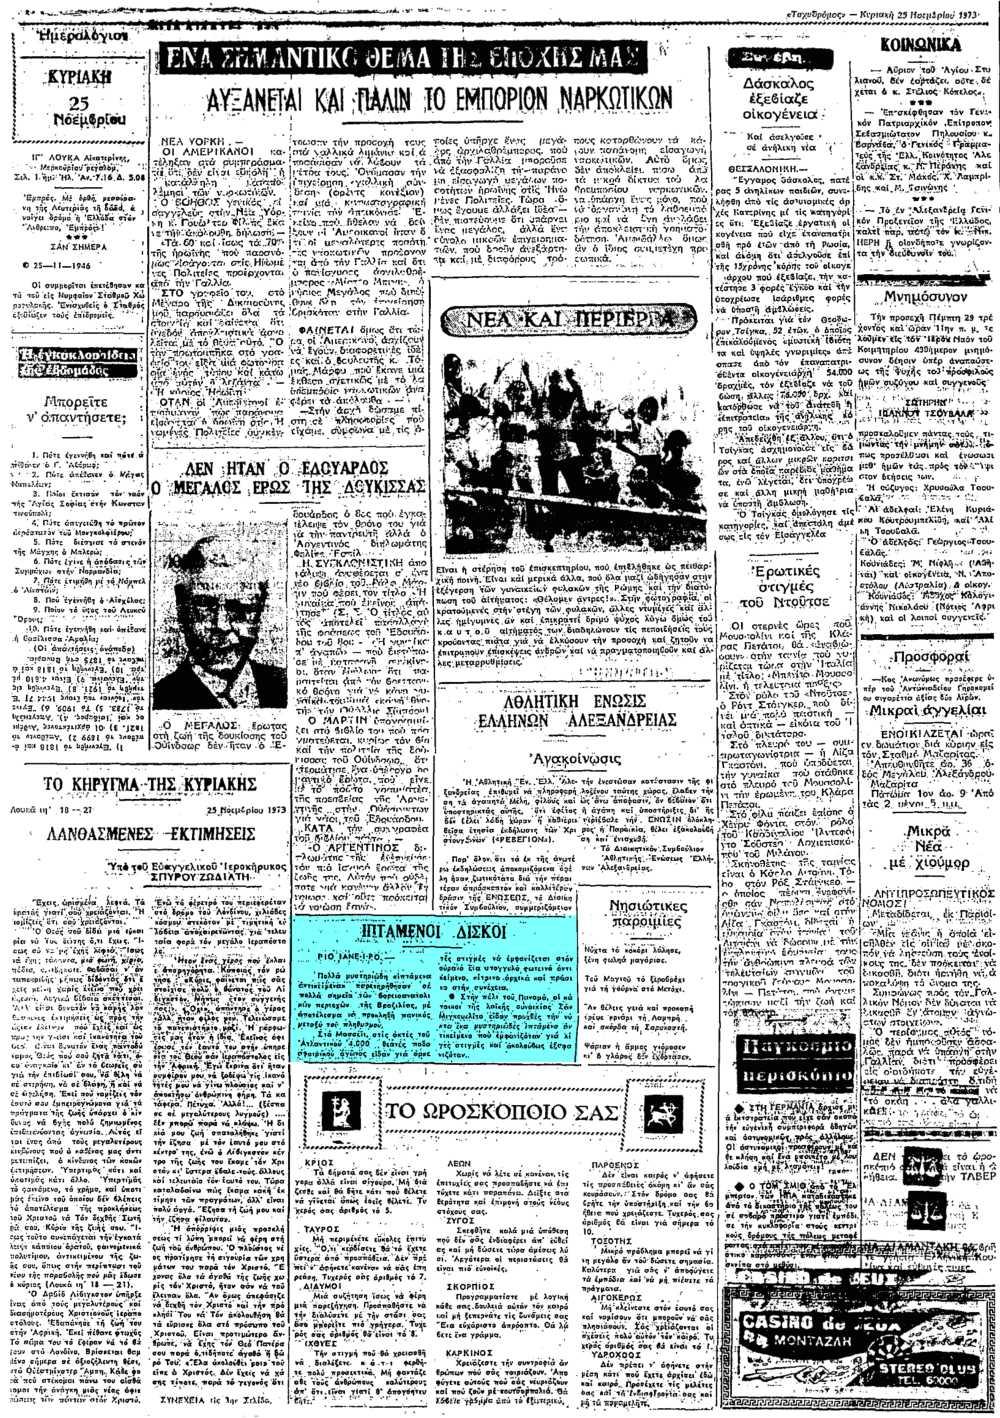 """Το άρθρο, όπως δημοσιεύθηκε στην εφημερίδα """"ΤΑΧΥΔΡΟΜΟΣ"""", στις 25/11/1973"""